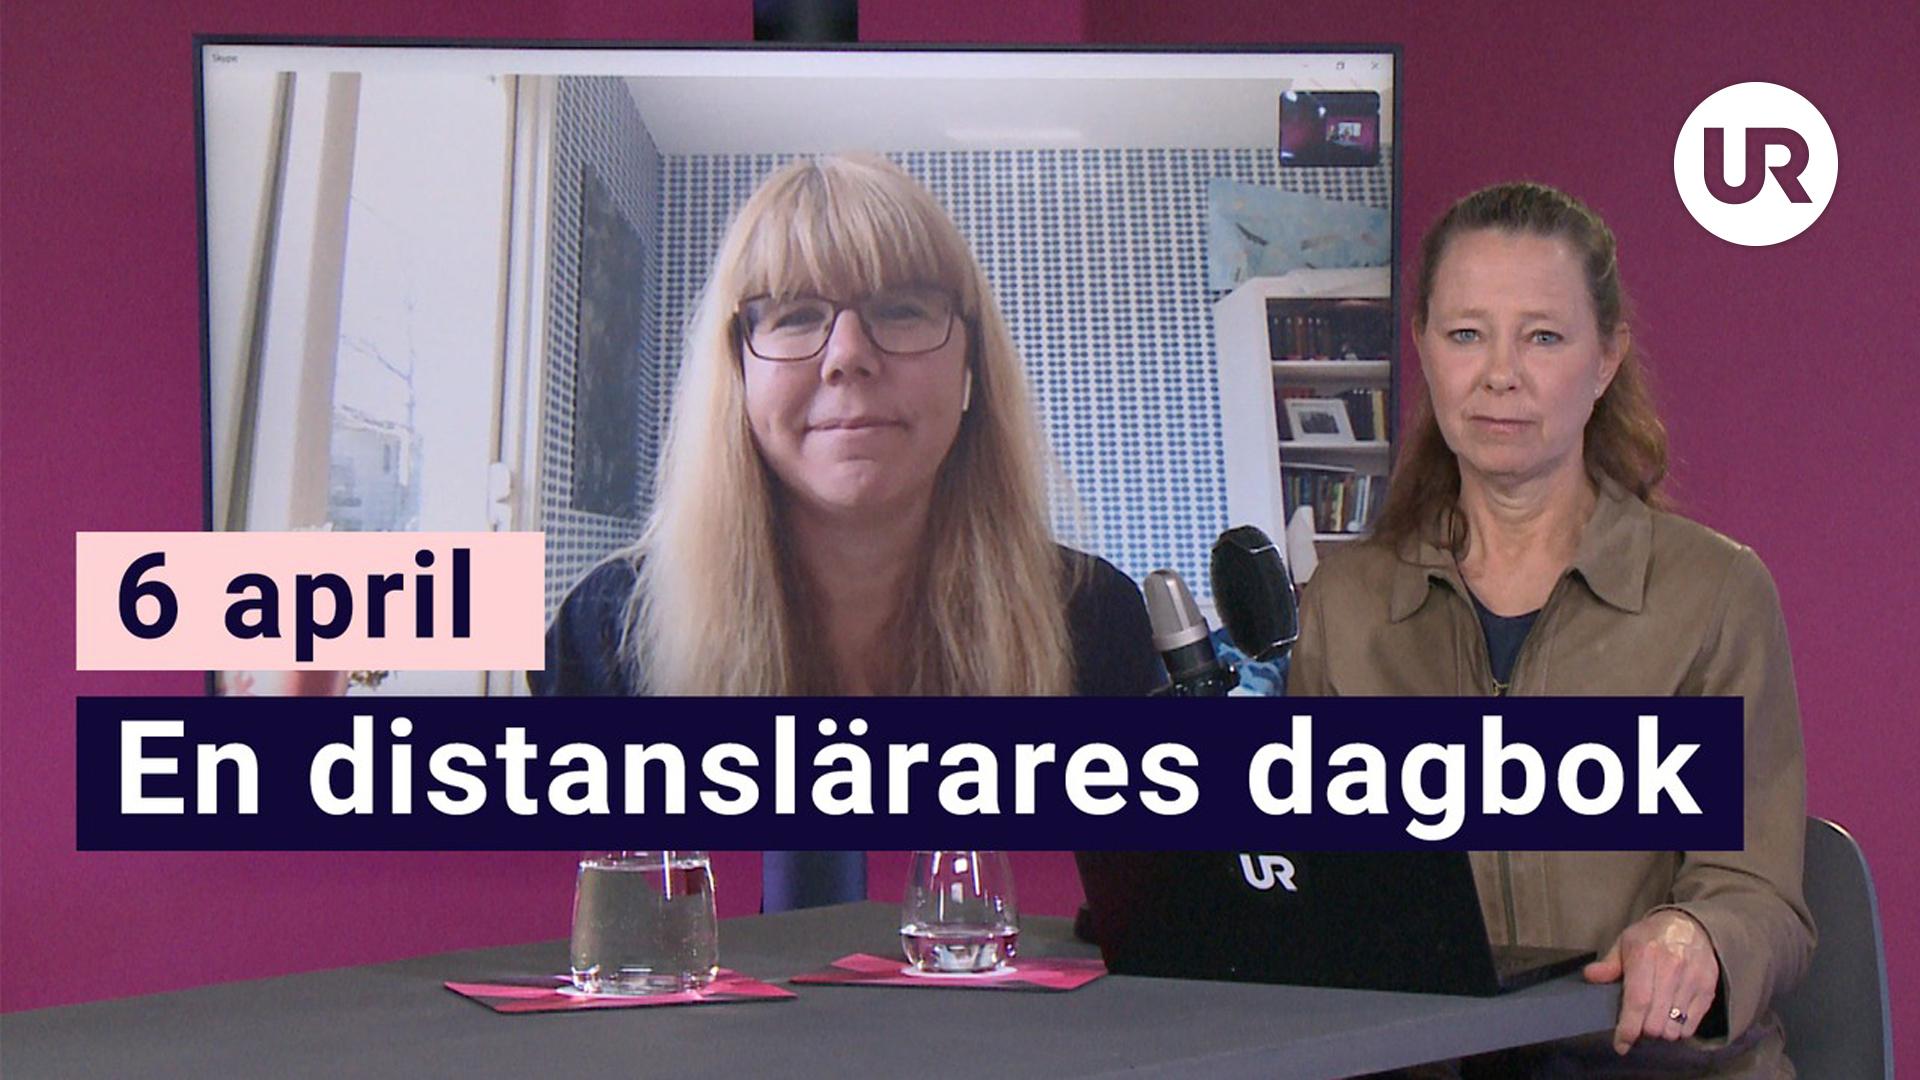 Skola Hemma, 6 april - En distanslärares dagbok